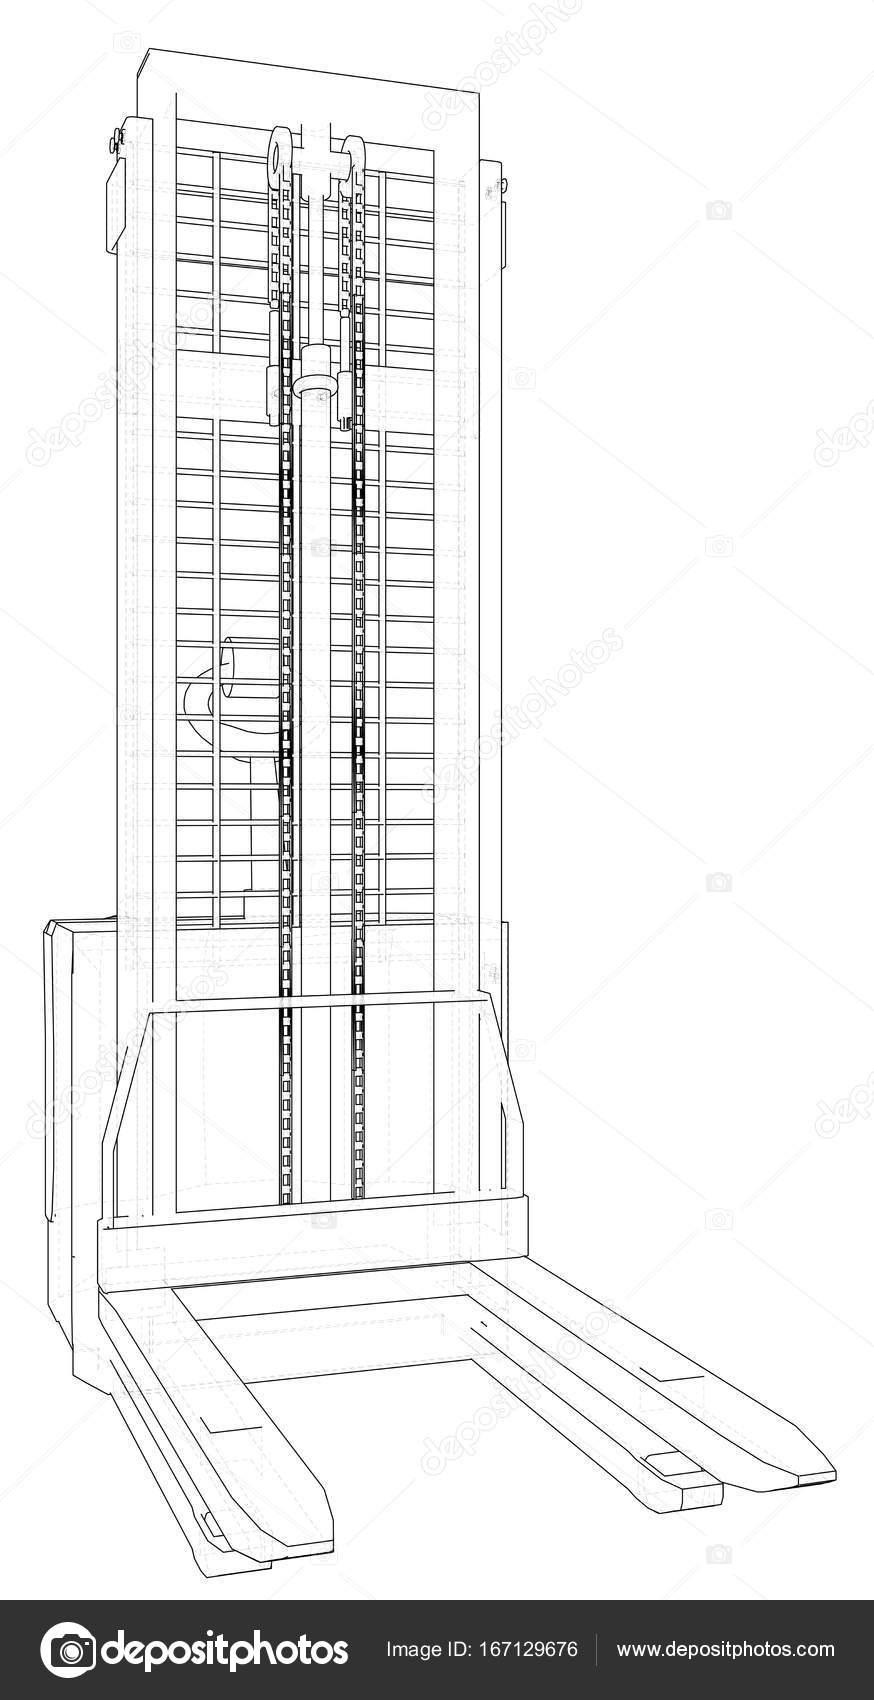 Carretilla elevadora de almacén. Marco de alambre. Eps10 formato ...